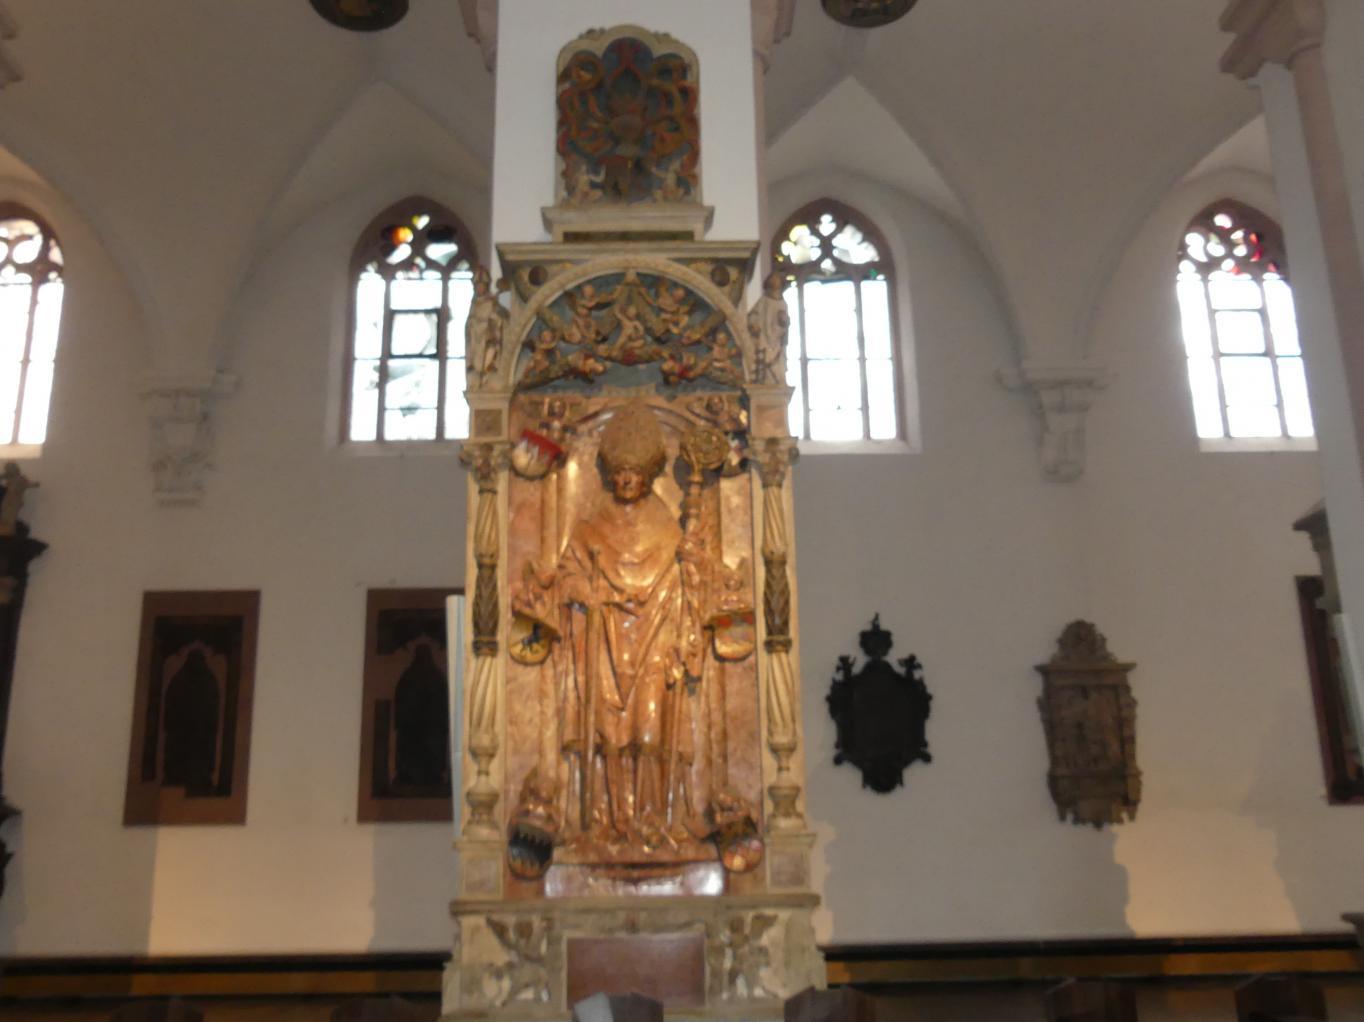 Tilman Riemenschneider: Grabmal des Fürstbischofs Lorenz von Bibra, Um 1517 - 1522